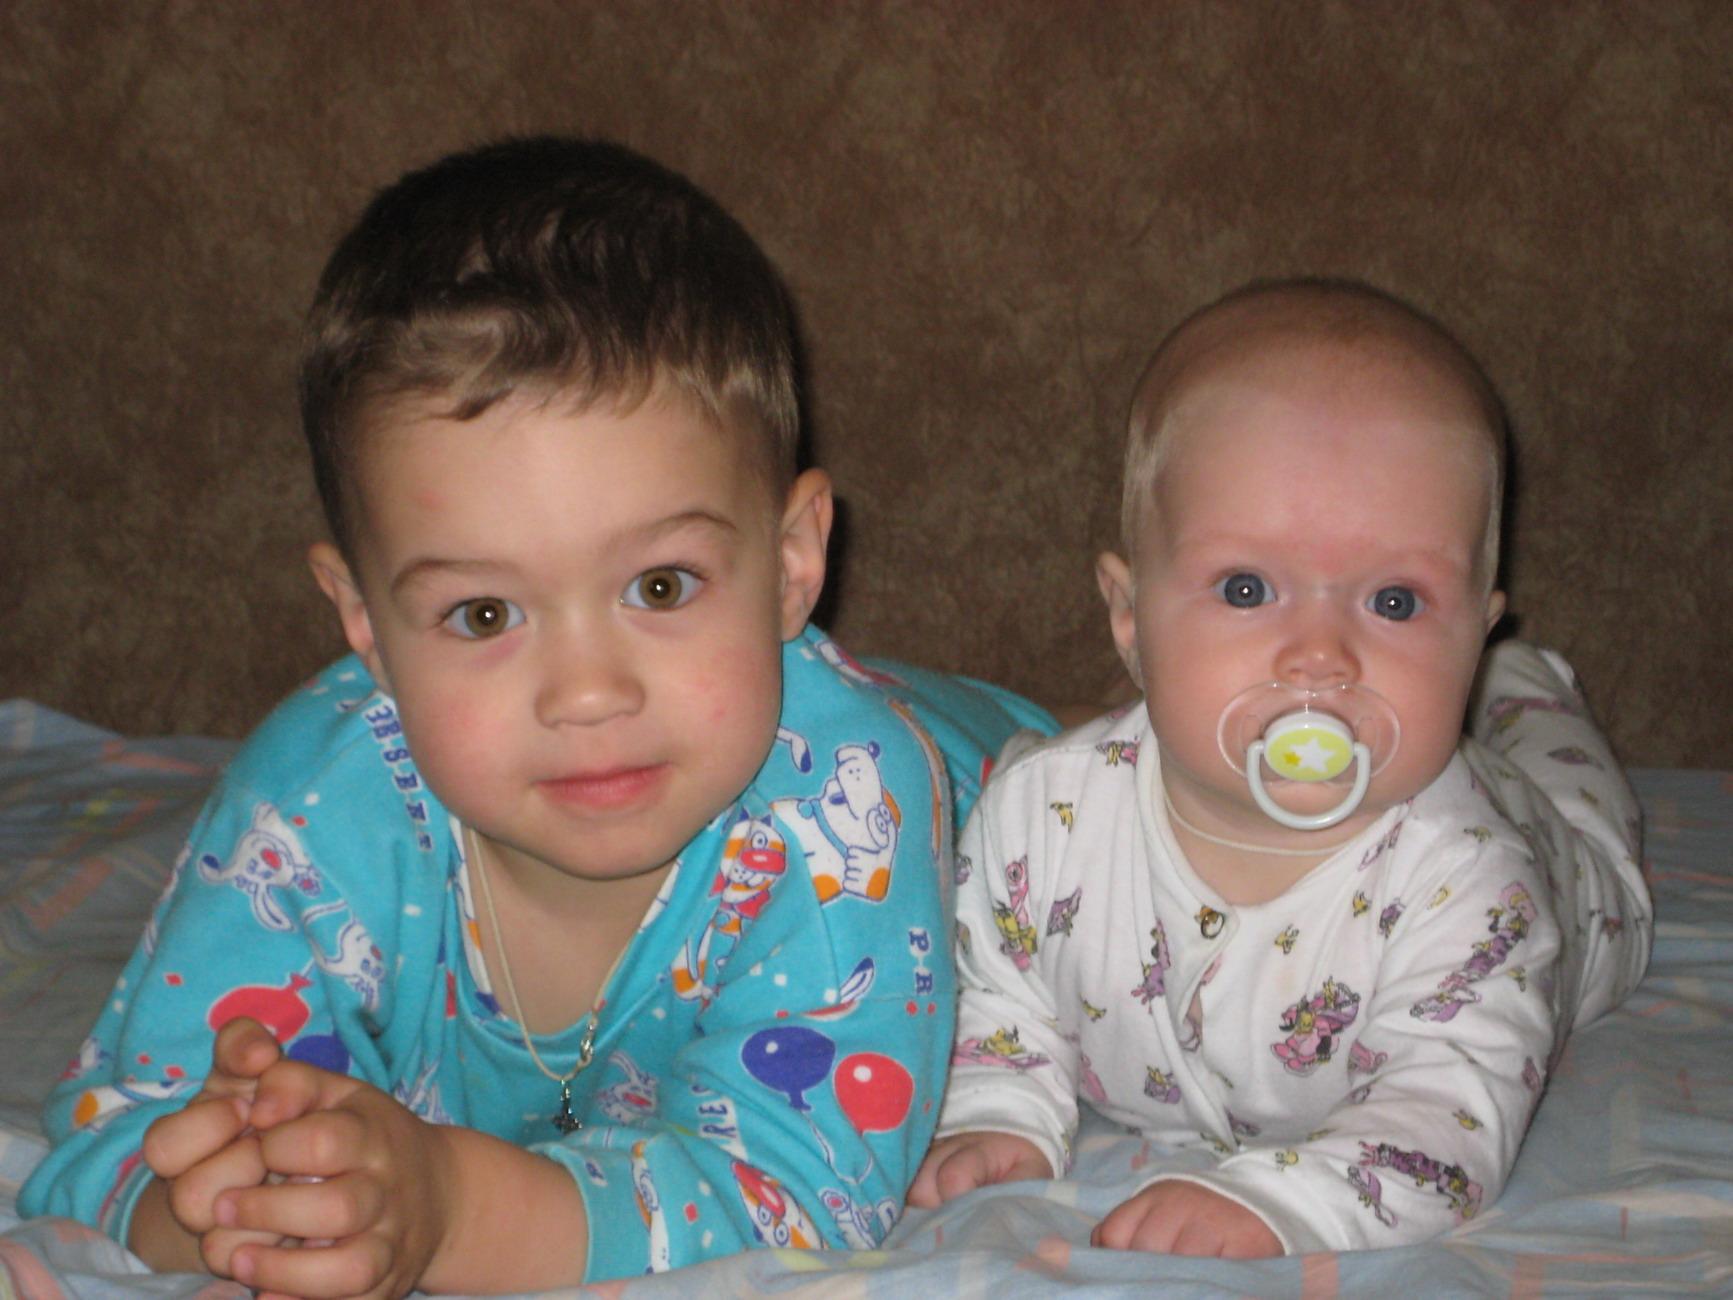 Мои детки - Артем и Мария. Братишки и сестренки